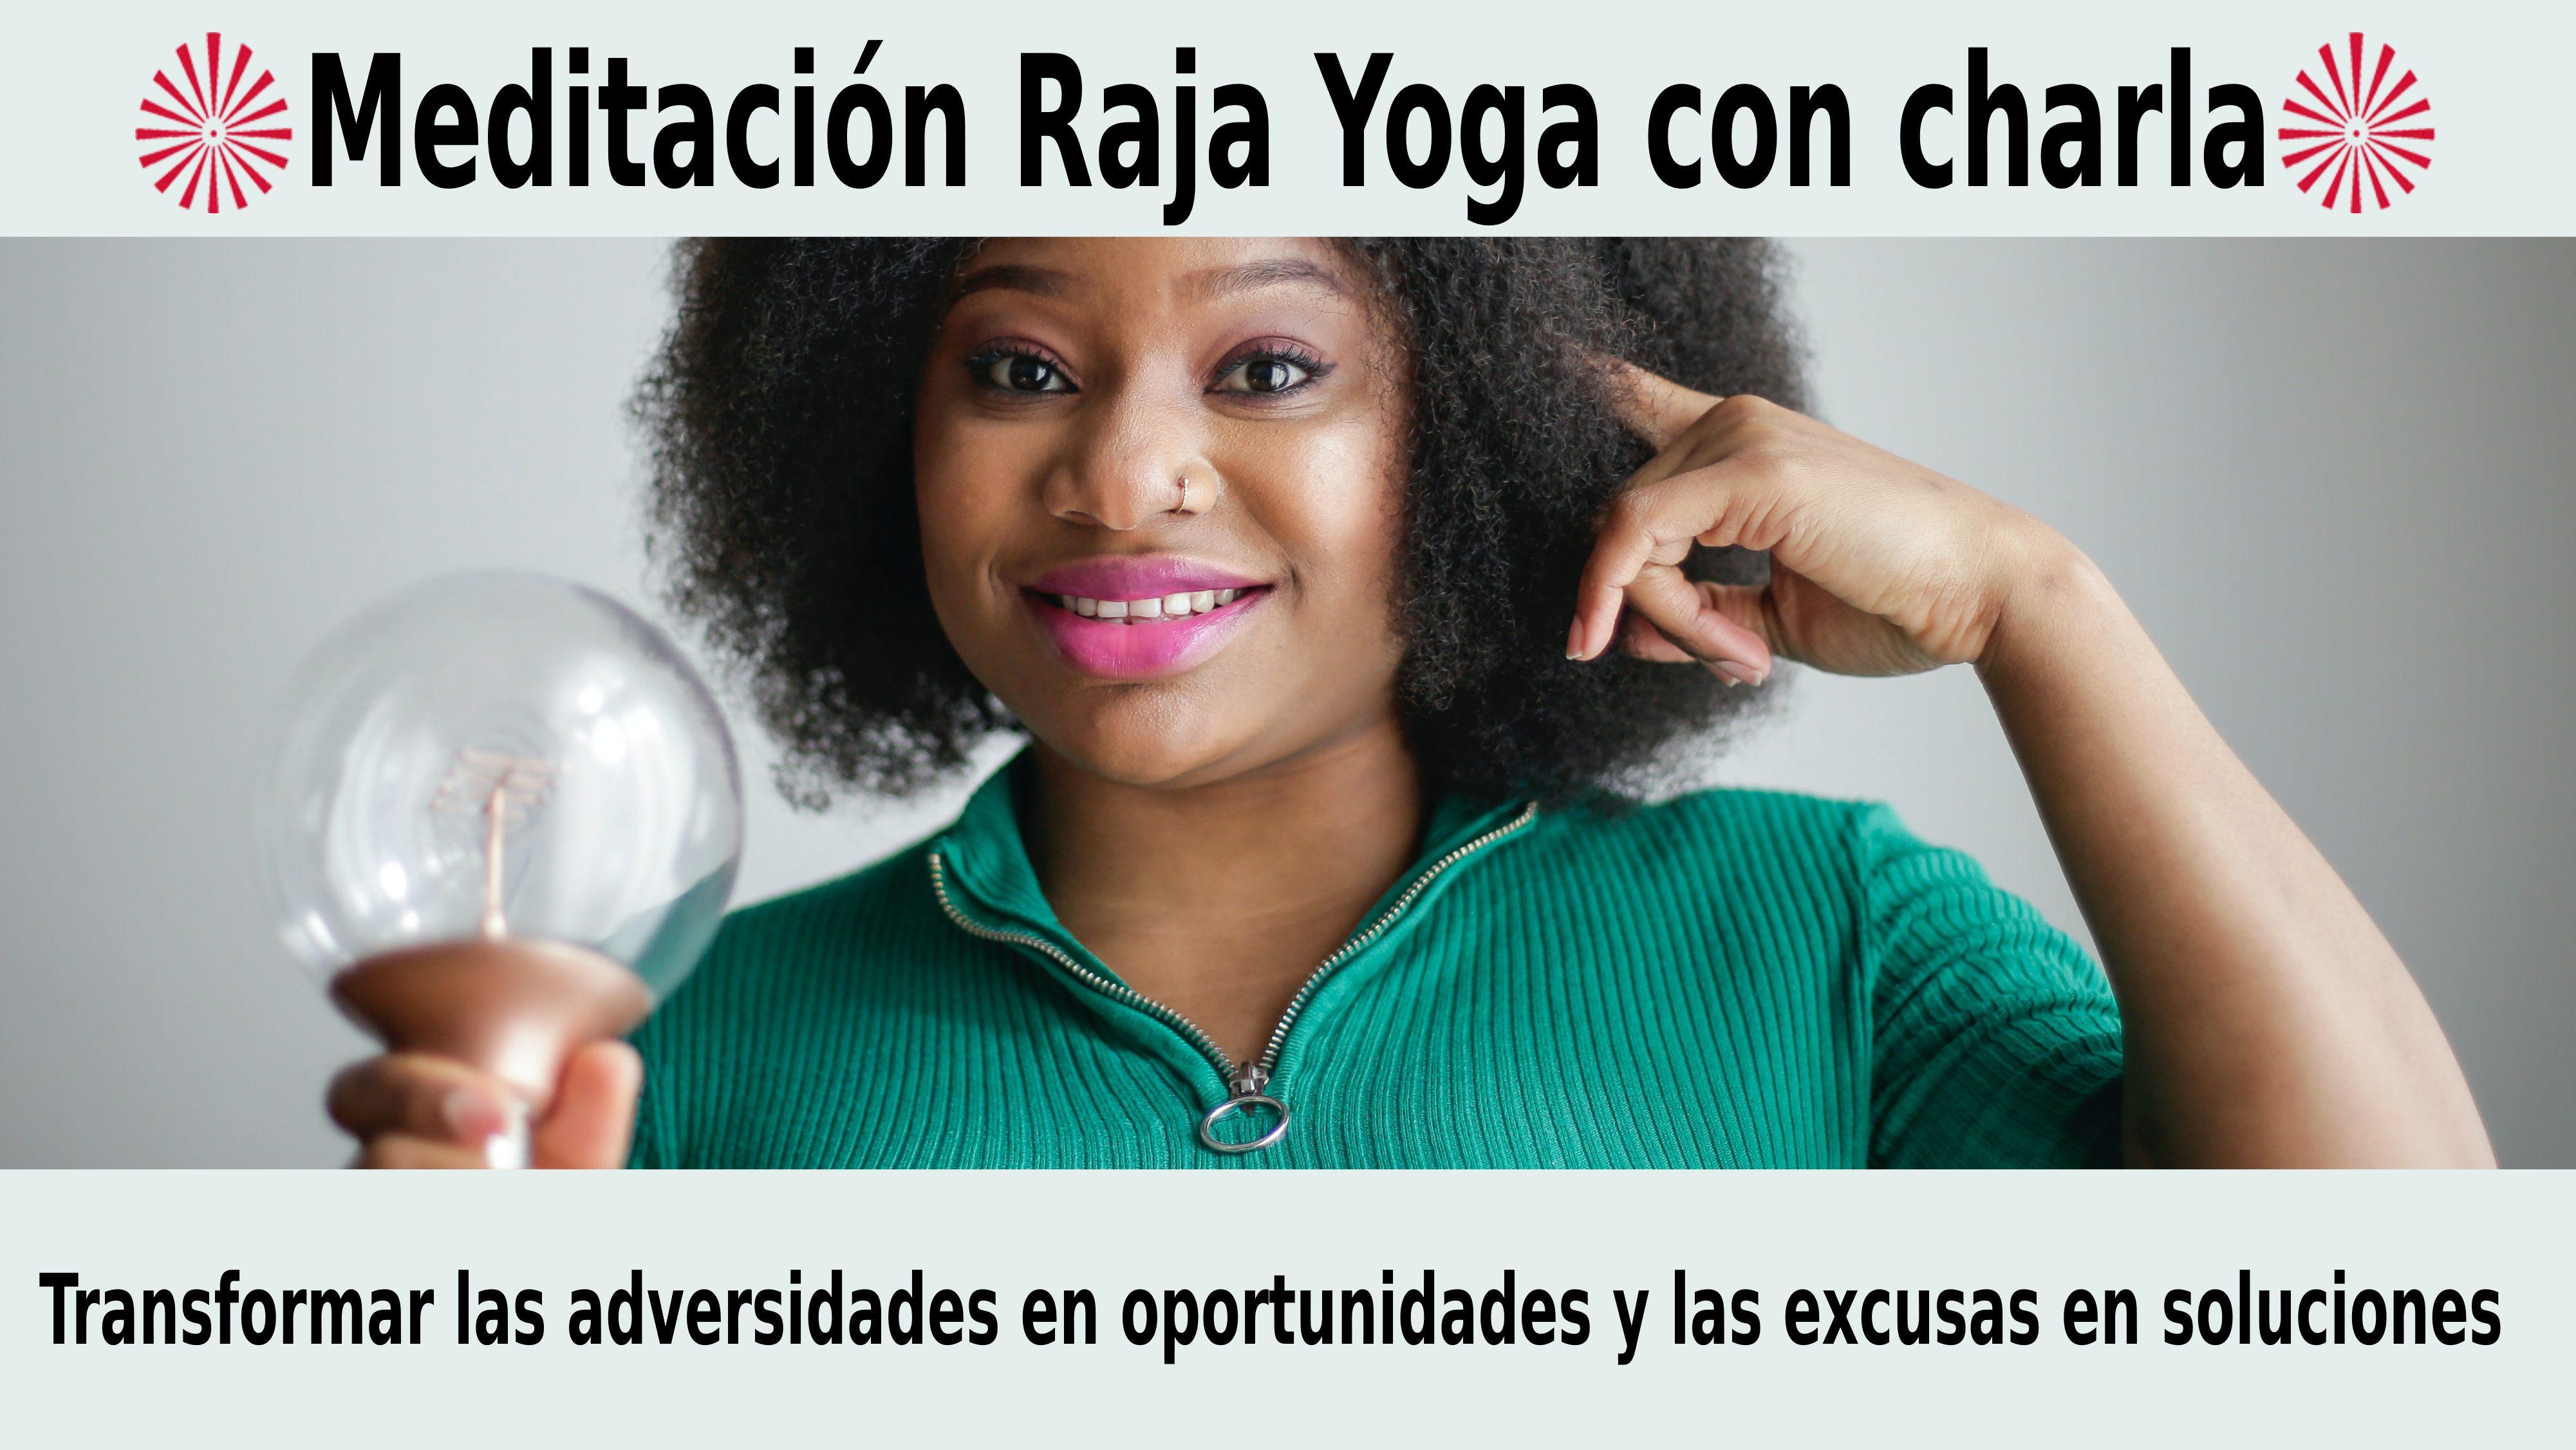 23 Noviembre 2020  Meditación guiada: Transformar las adversidades en oportunidades